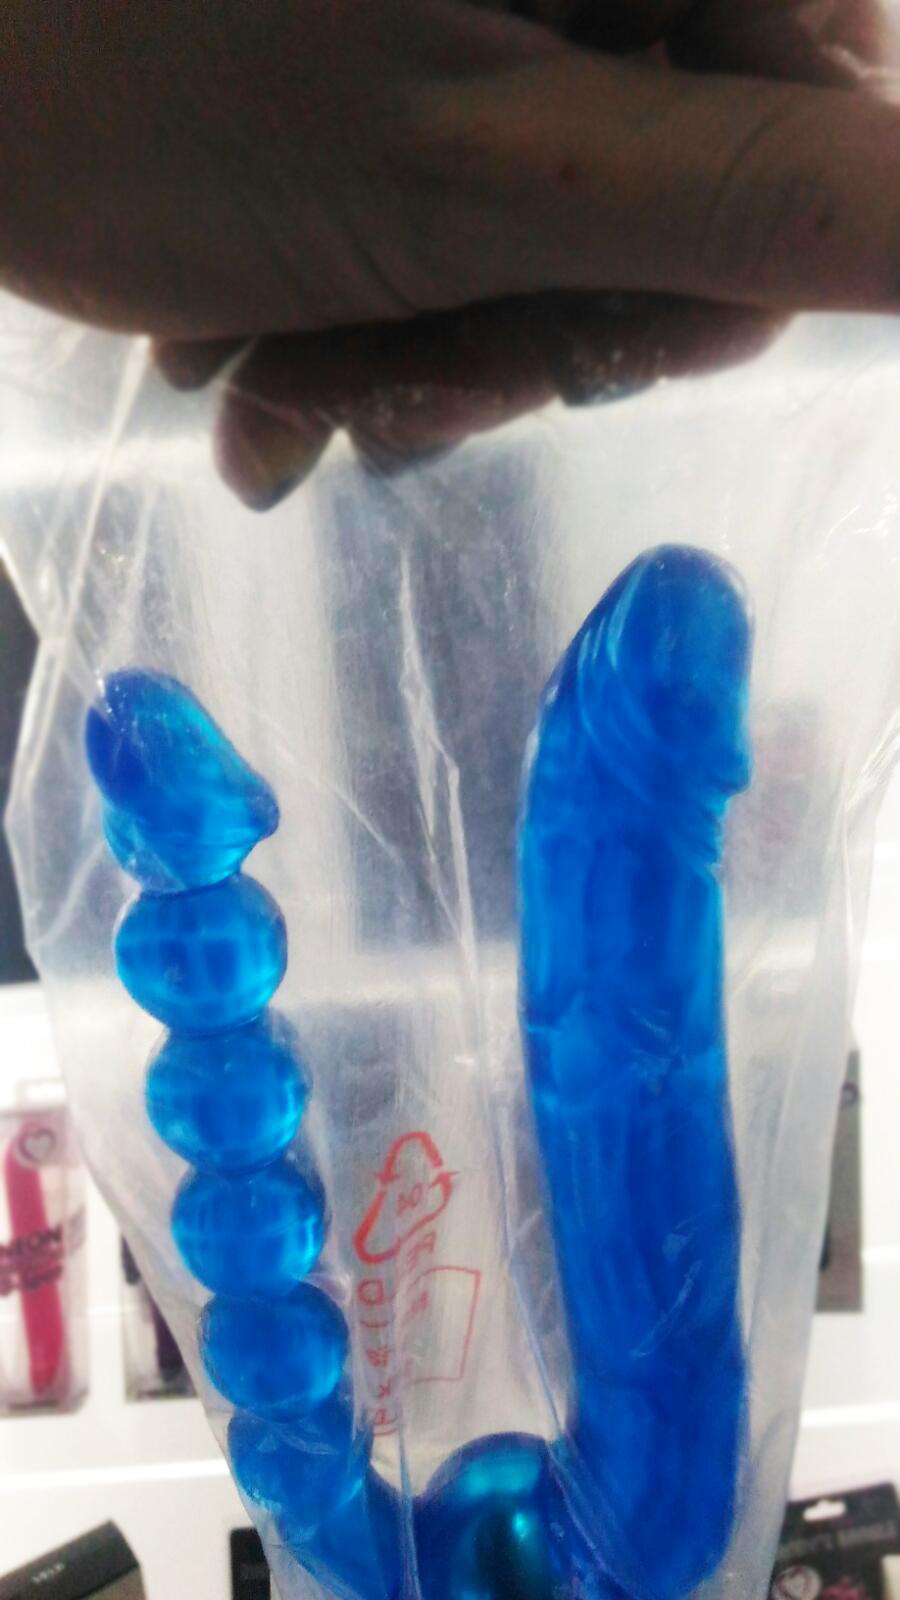 vibratore doppio anale vaginale